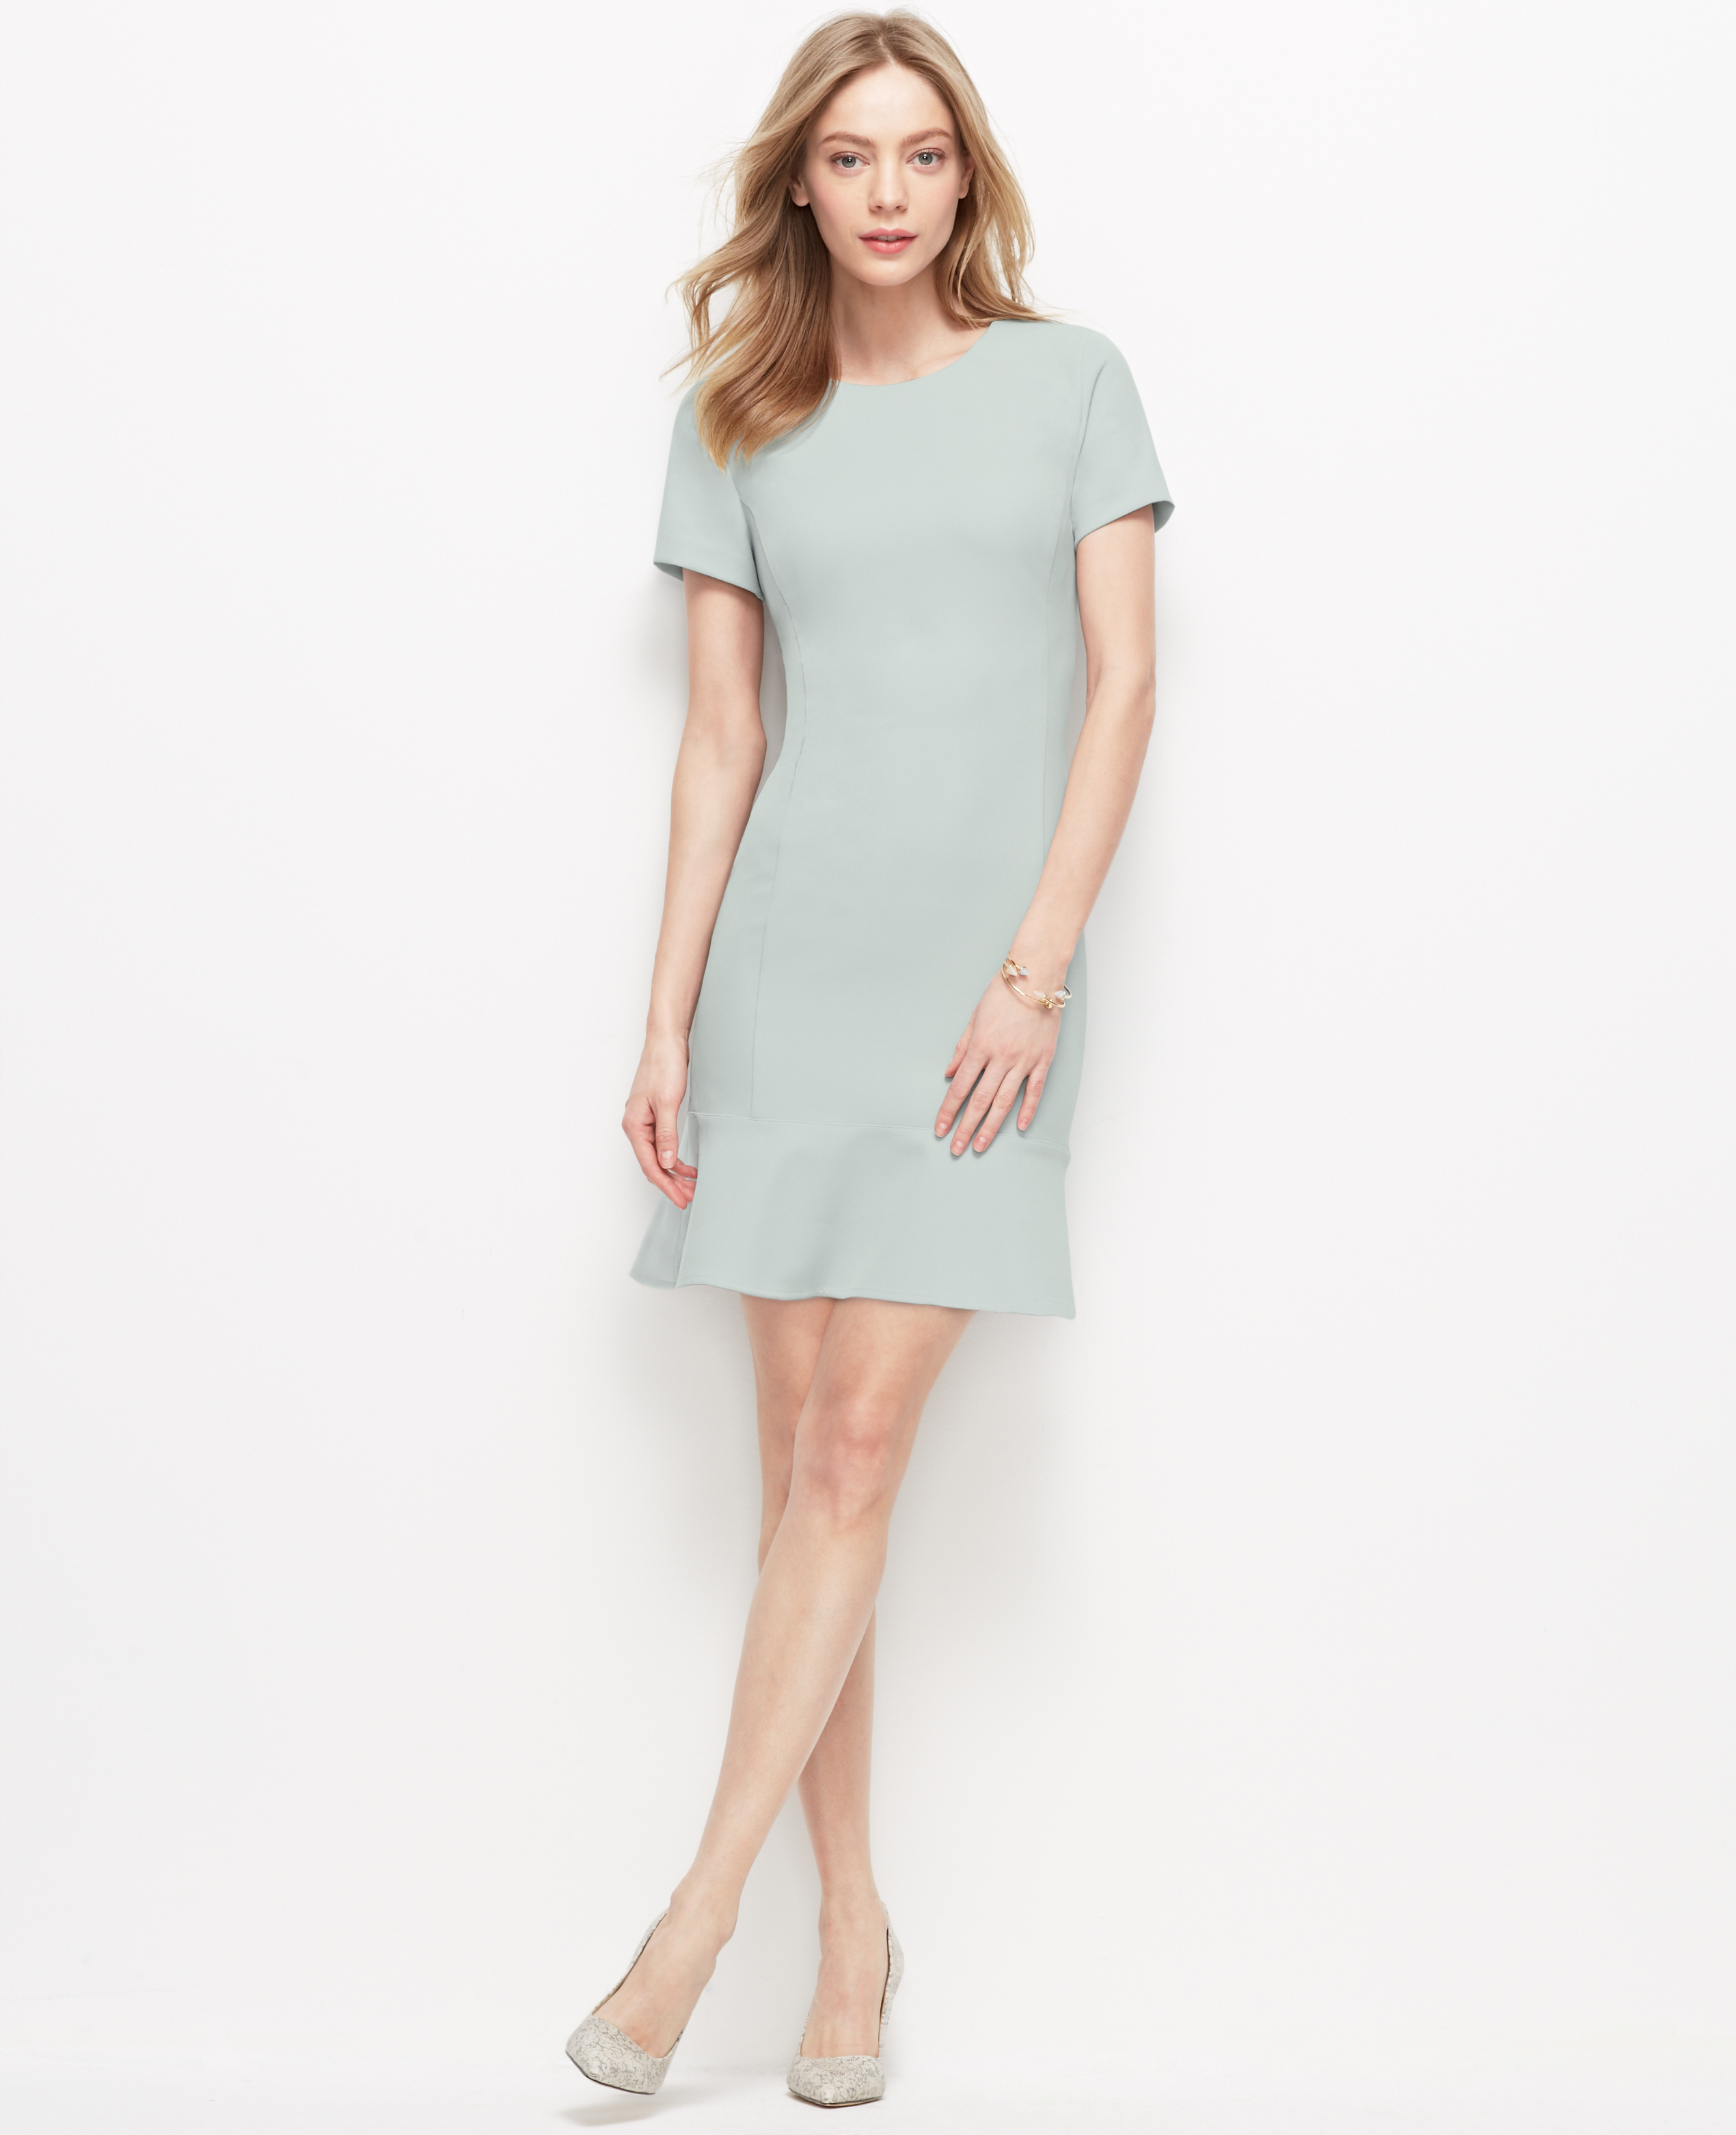 ann taylor plus size dresses choice image - dresses design ideas